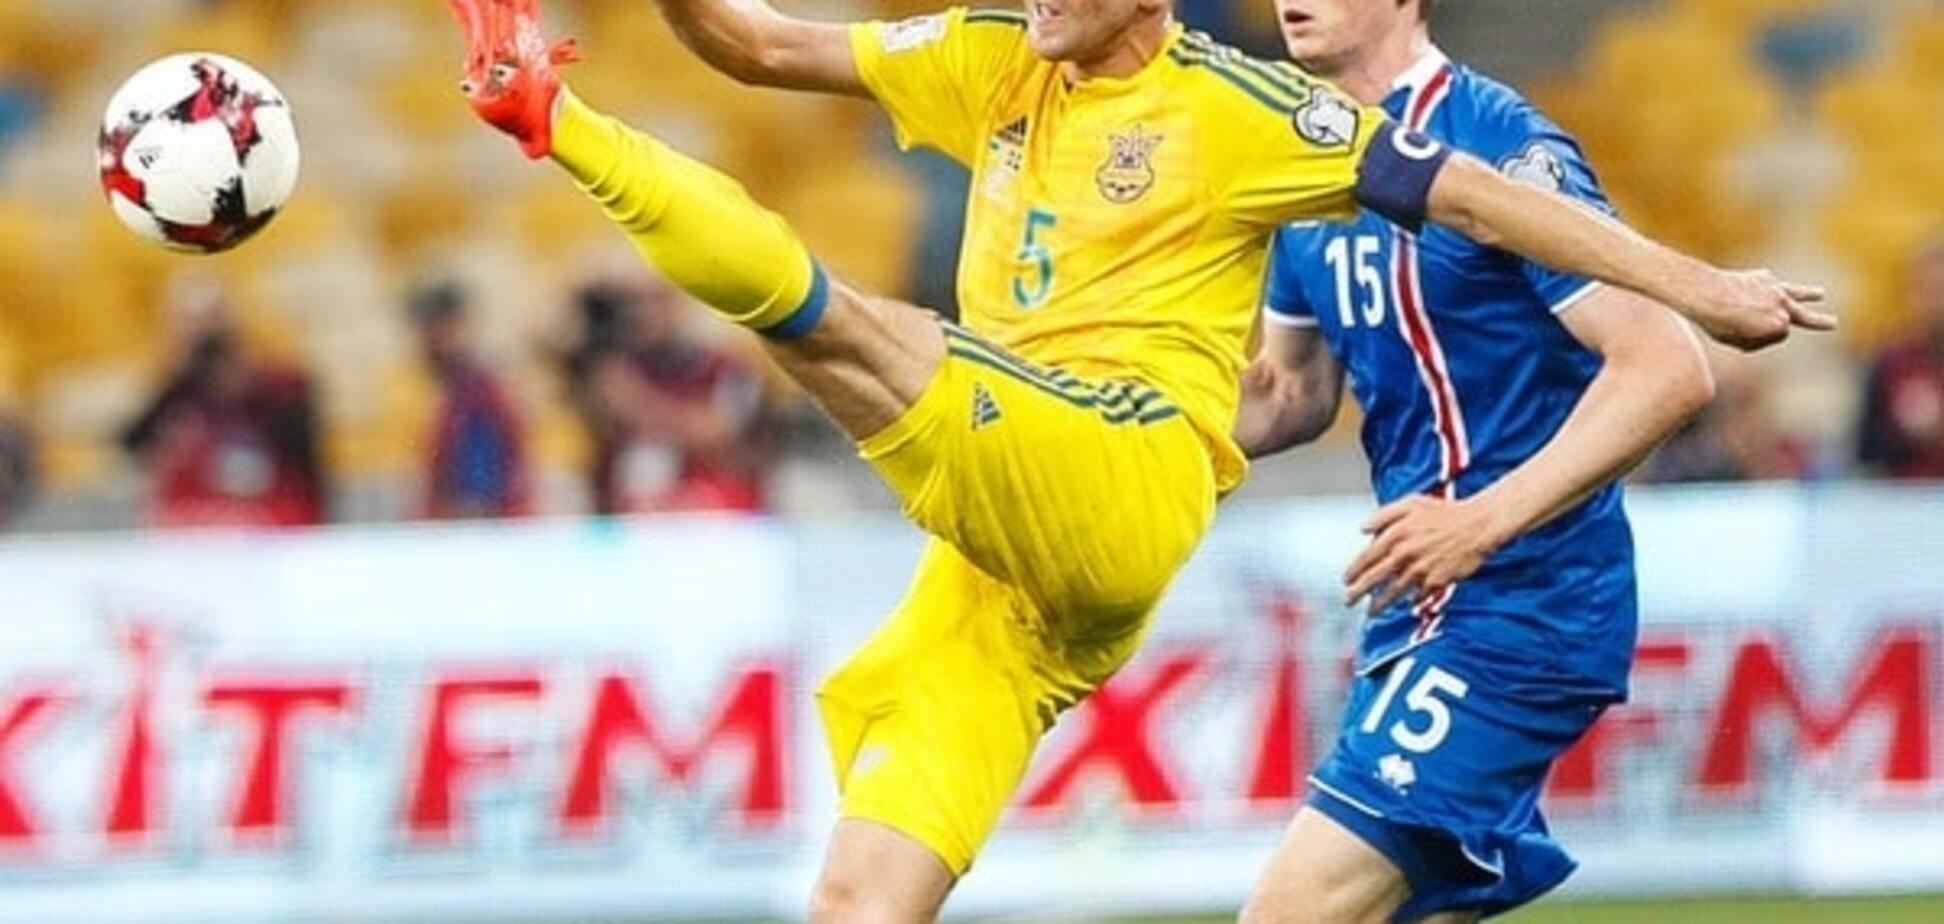 Капітан збірної України про матч із Ісландією: якщо кожен буде грати за себе - команди не буде